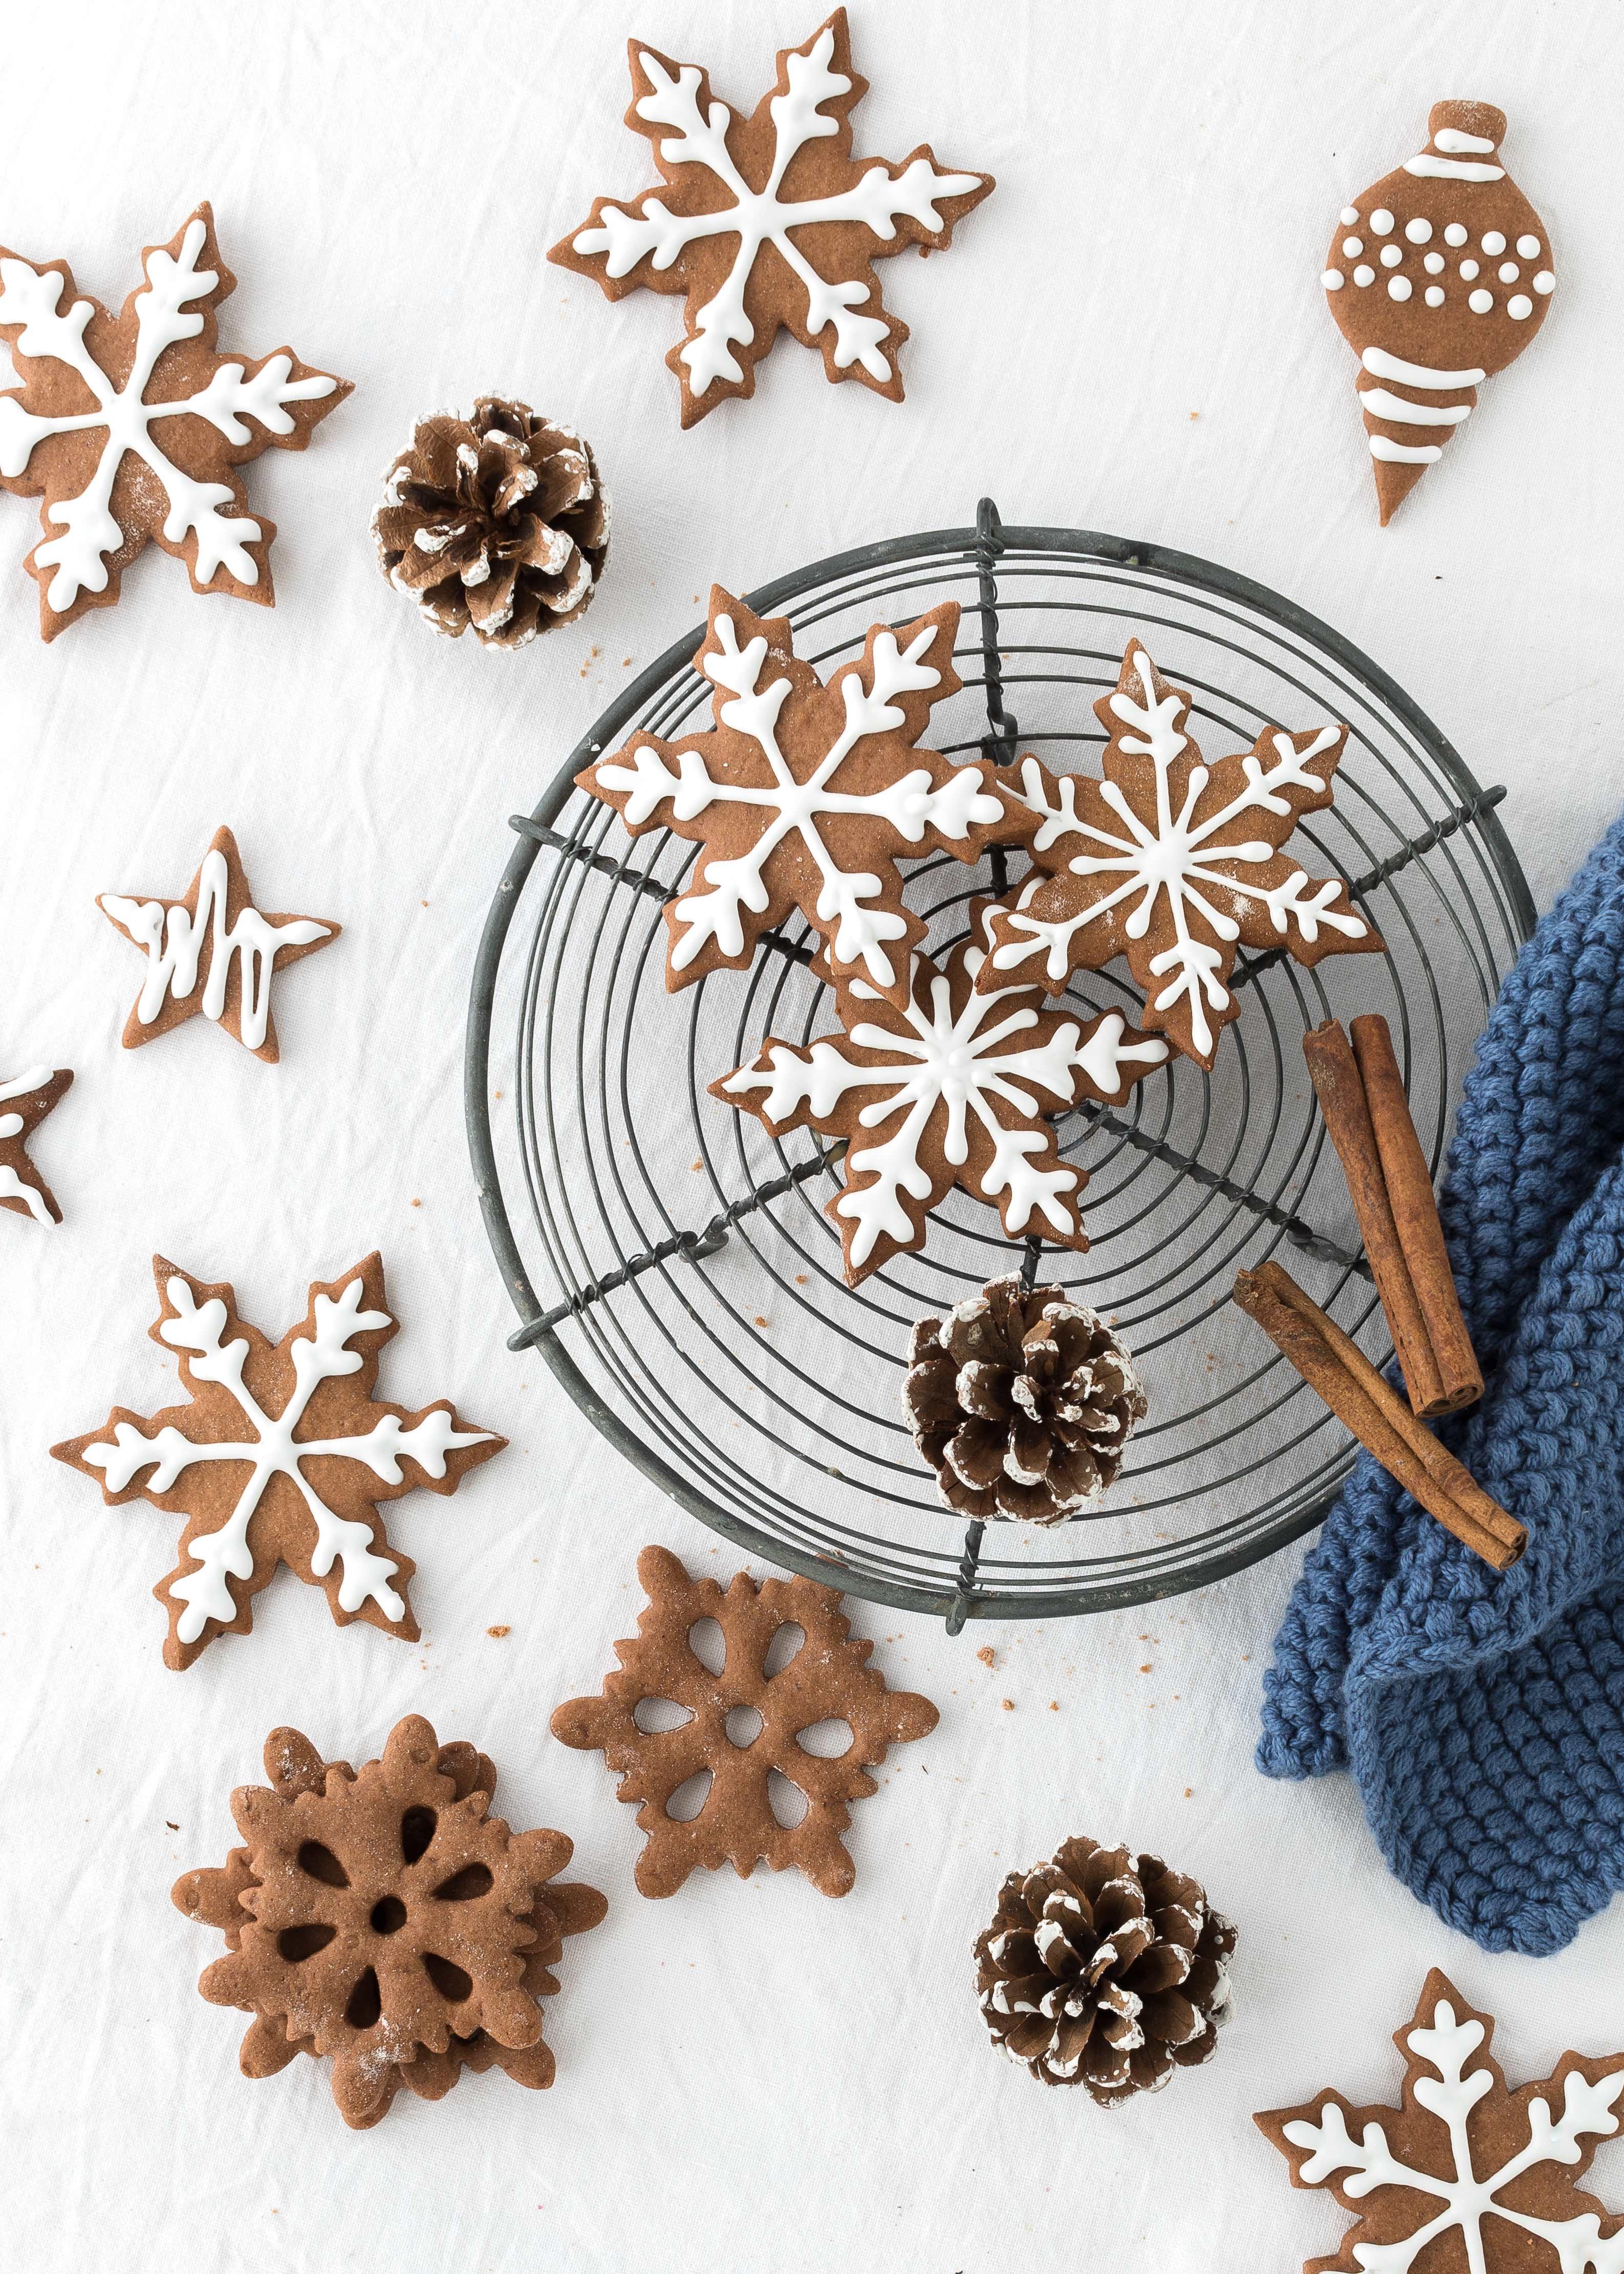 Rezept Lebkuchen Gingerbread Cookies Sirup Weihnachten Plätzchen Kekse